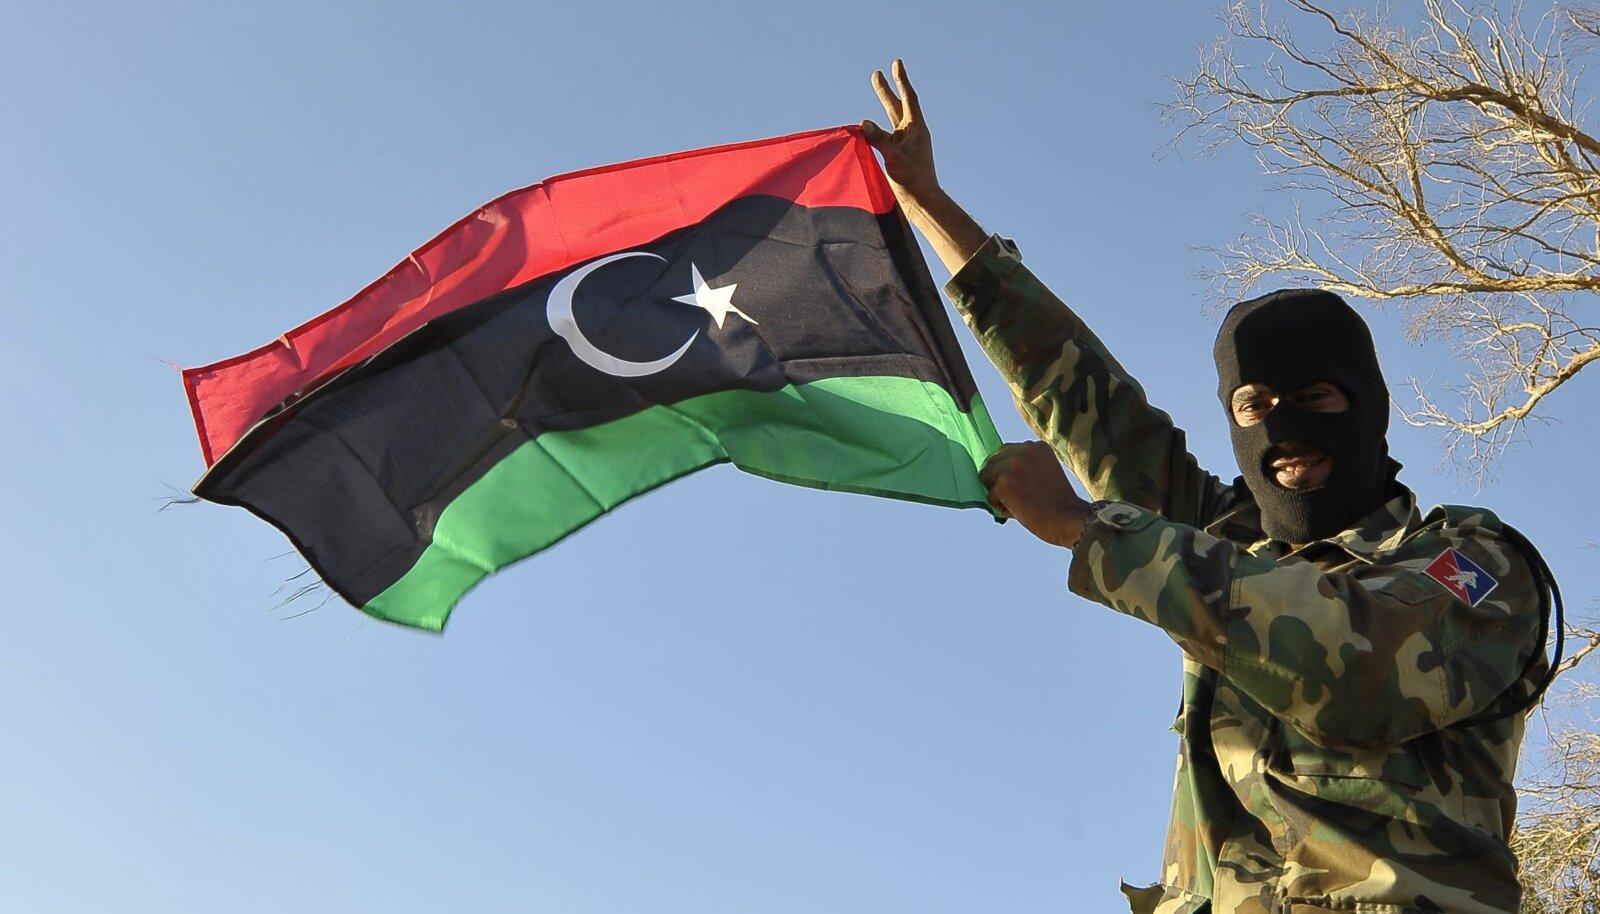 Liibüa armee sõdur Benghazis.